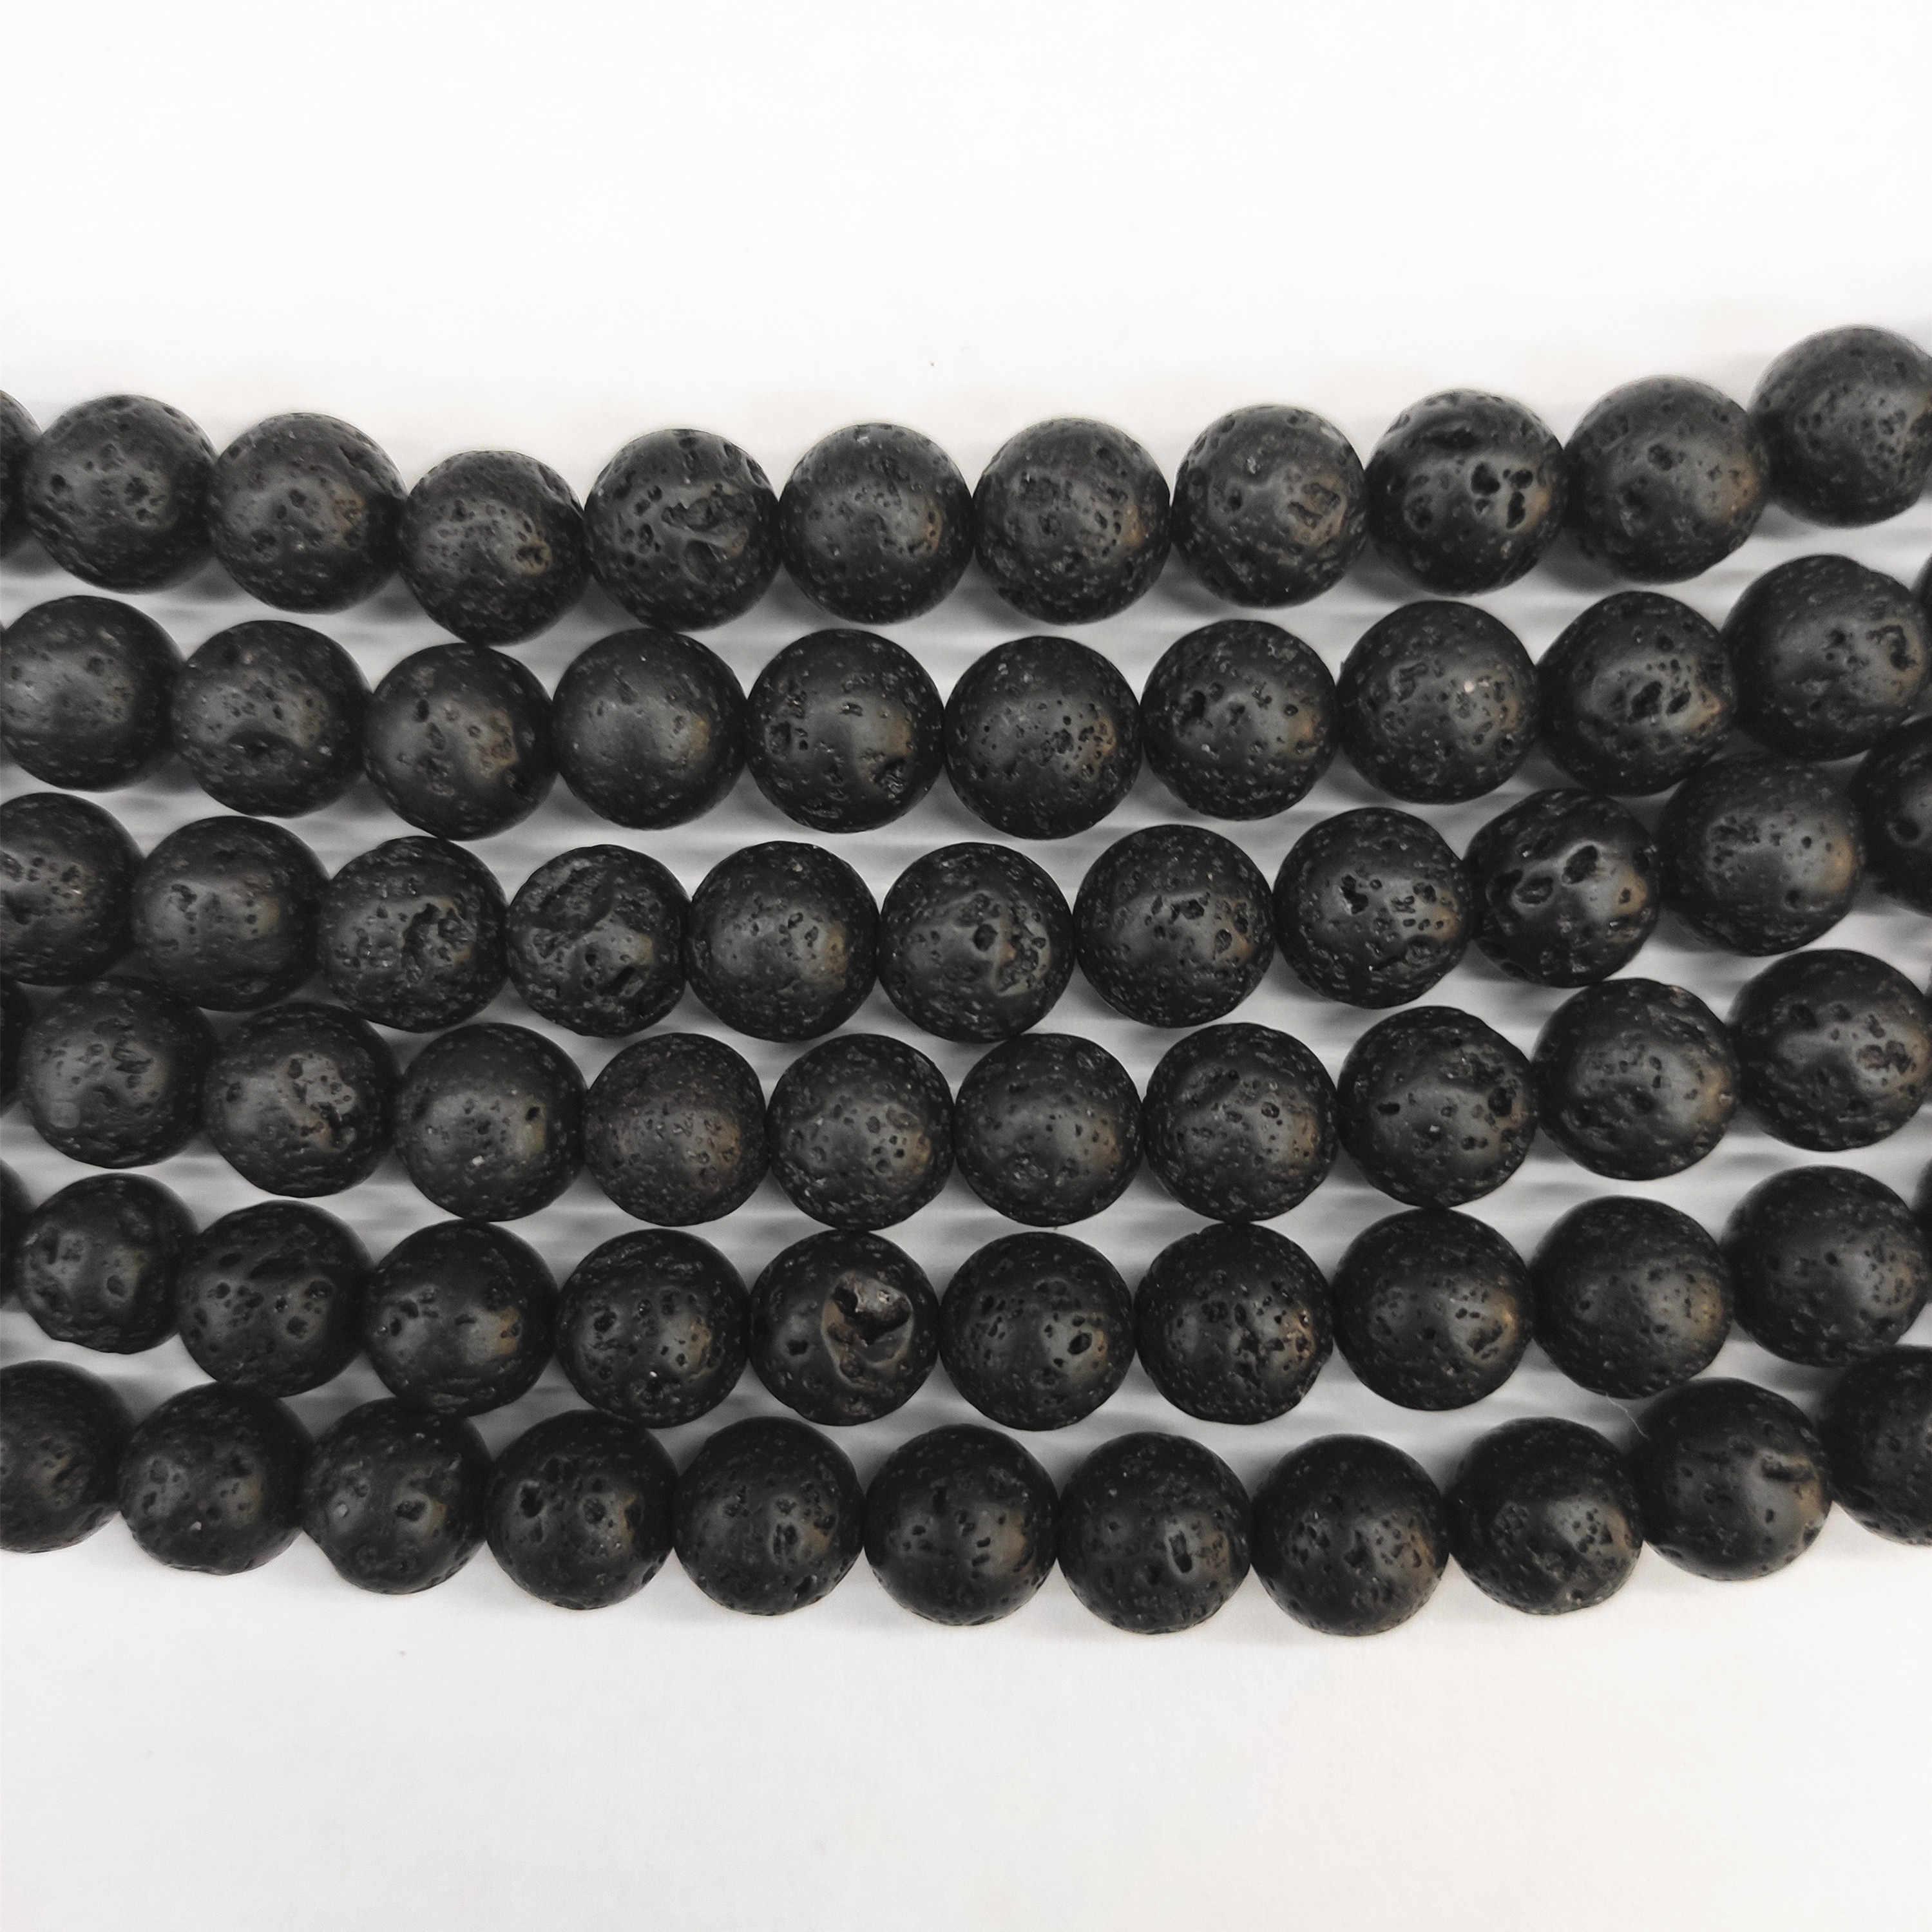 Kamień naturalny czarny lawa wulkaniczny kamień okrągły luźne koraliki 4/6/8/10/12MM Fit DIY paciorki do tworzenia biżuterii akcesoria 15